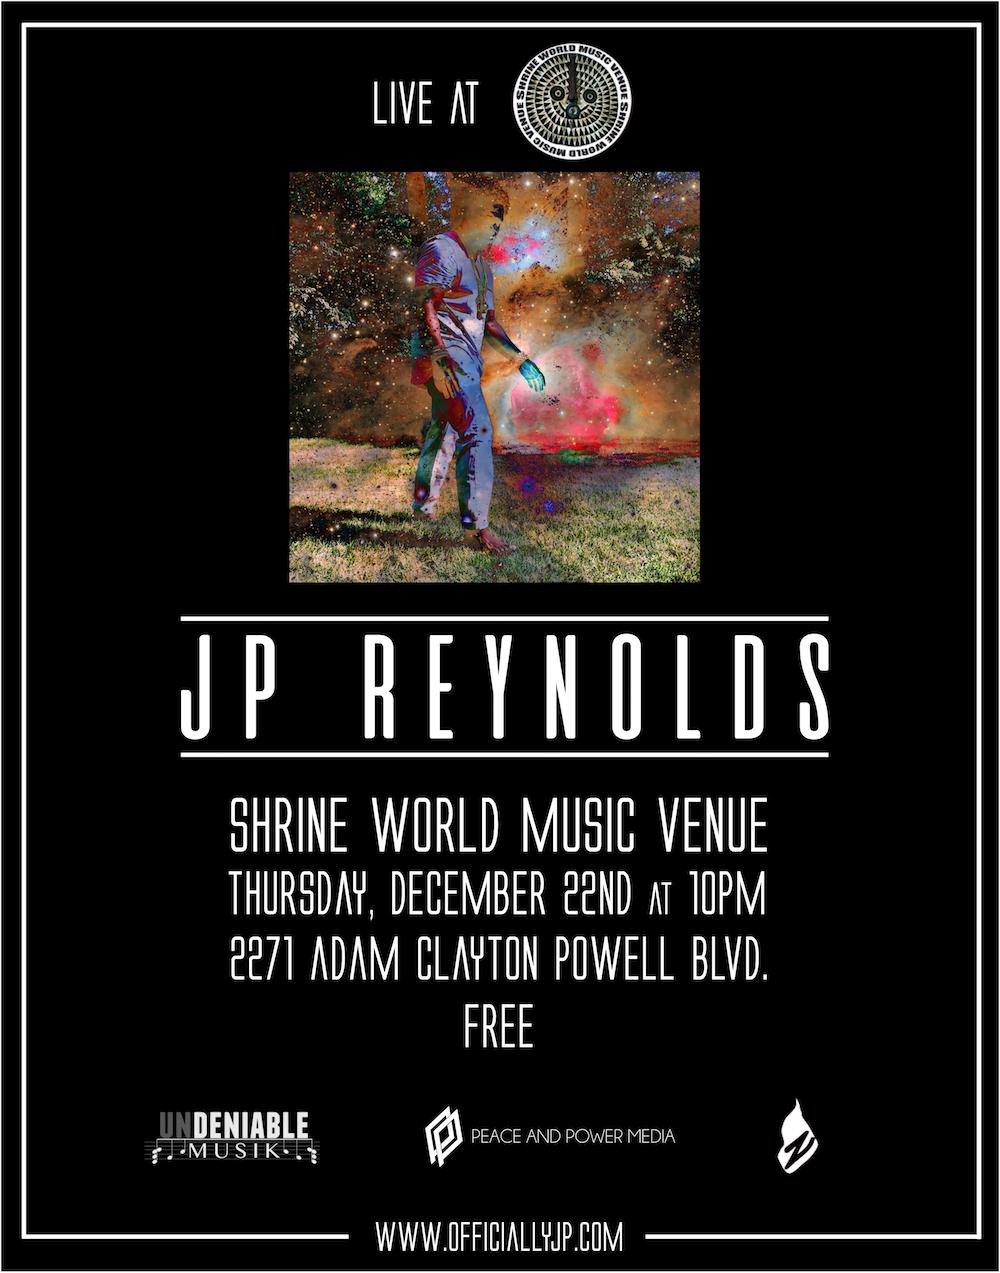 JP Reynolds Live at The Shrine